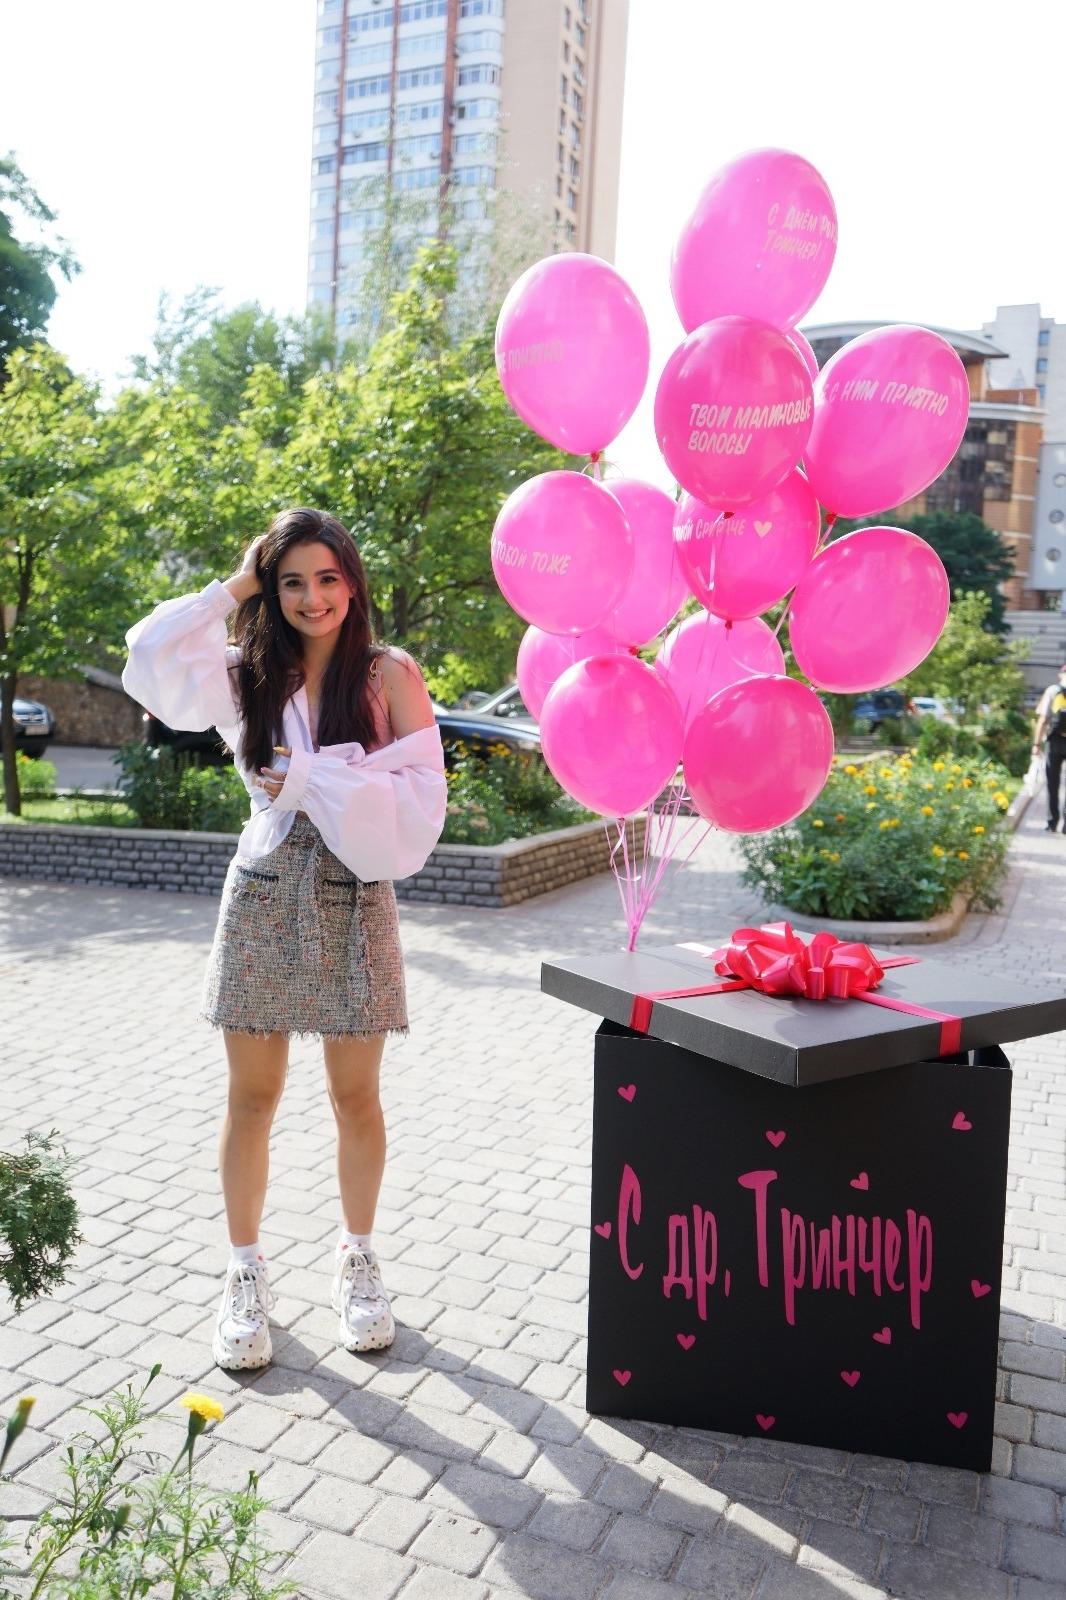 Популярные блогеры, бывший парень и злые соседи: Анна Тринчер показала, как отпраздновала день рождения (ВИДЕО) - фото №1